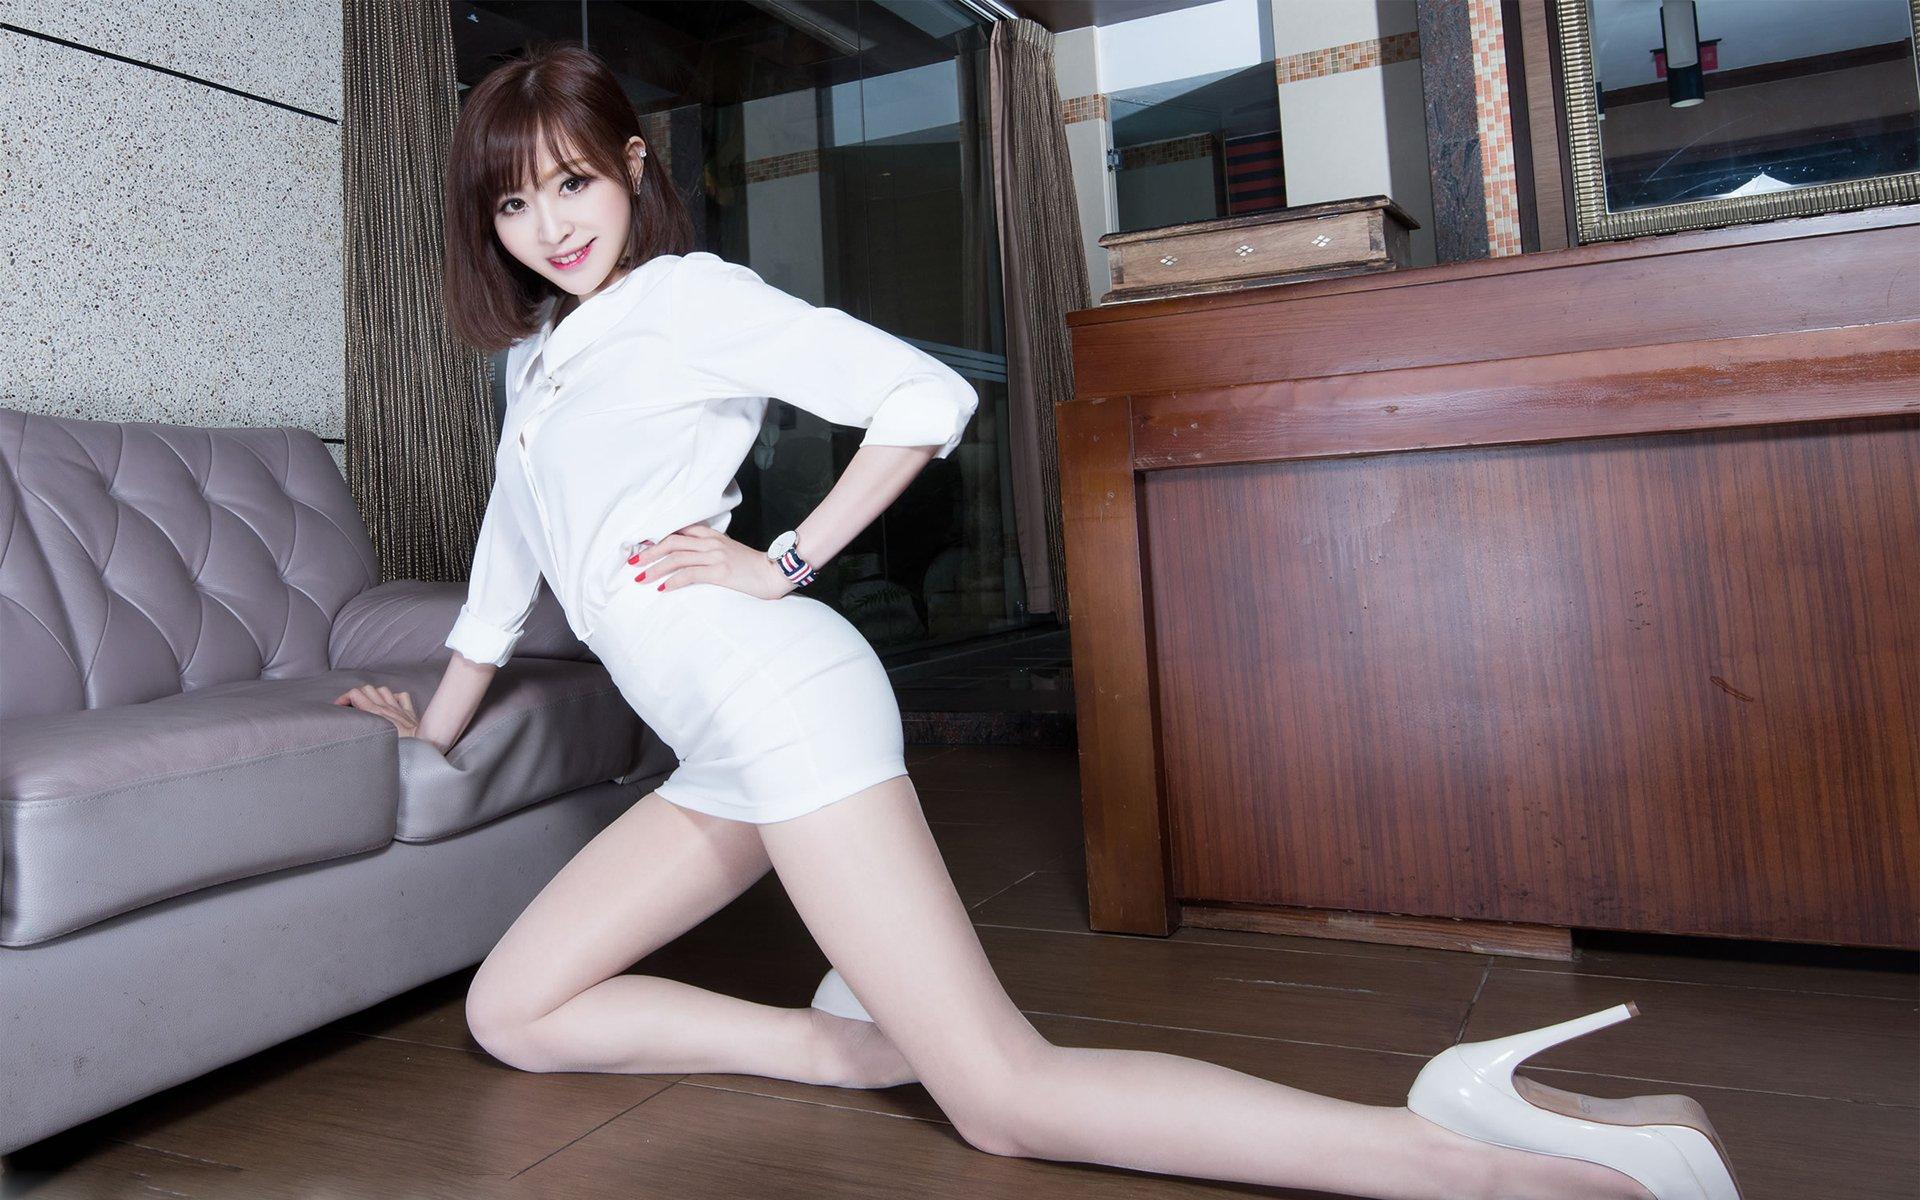 短发性感模特白色套裙诱惑美腿